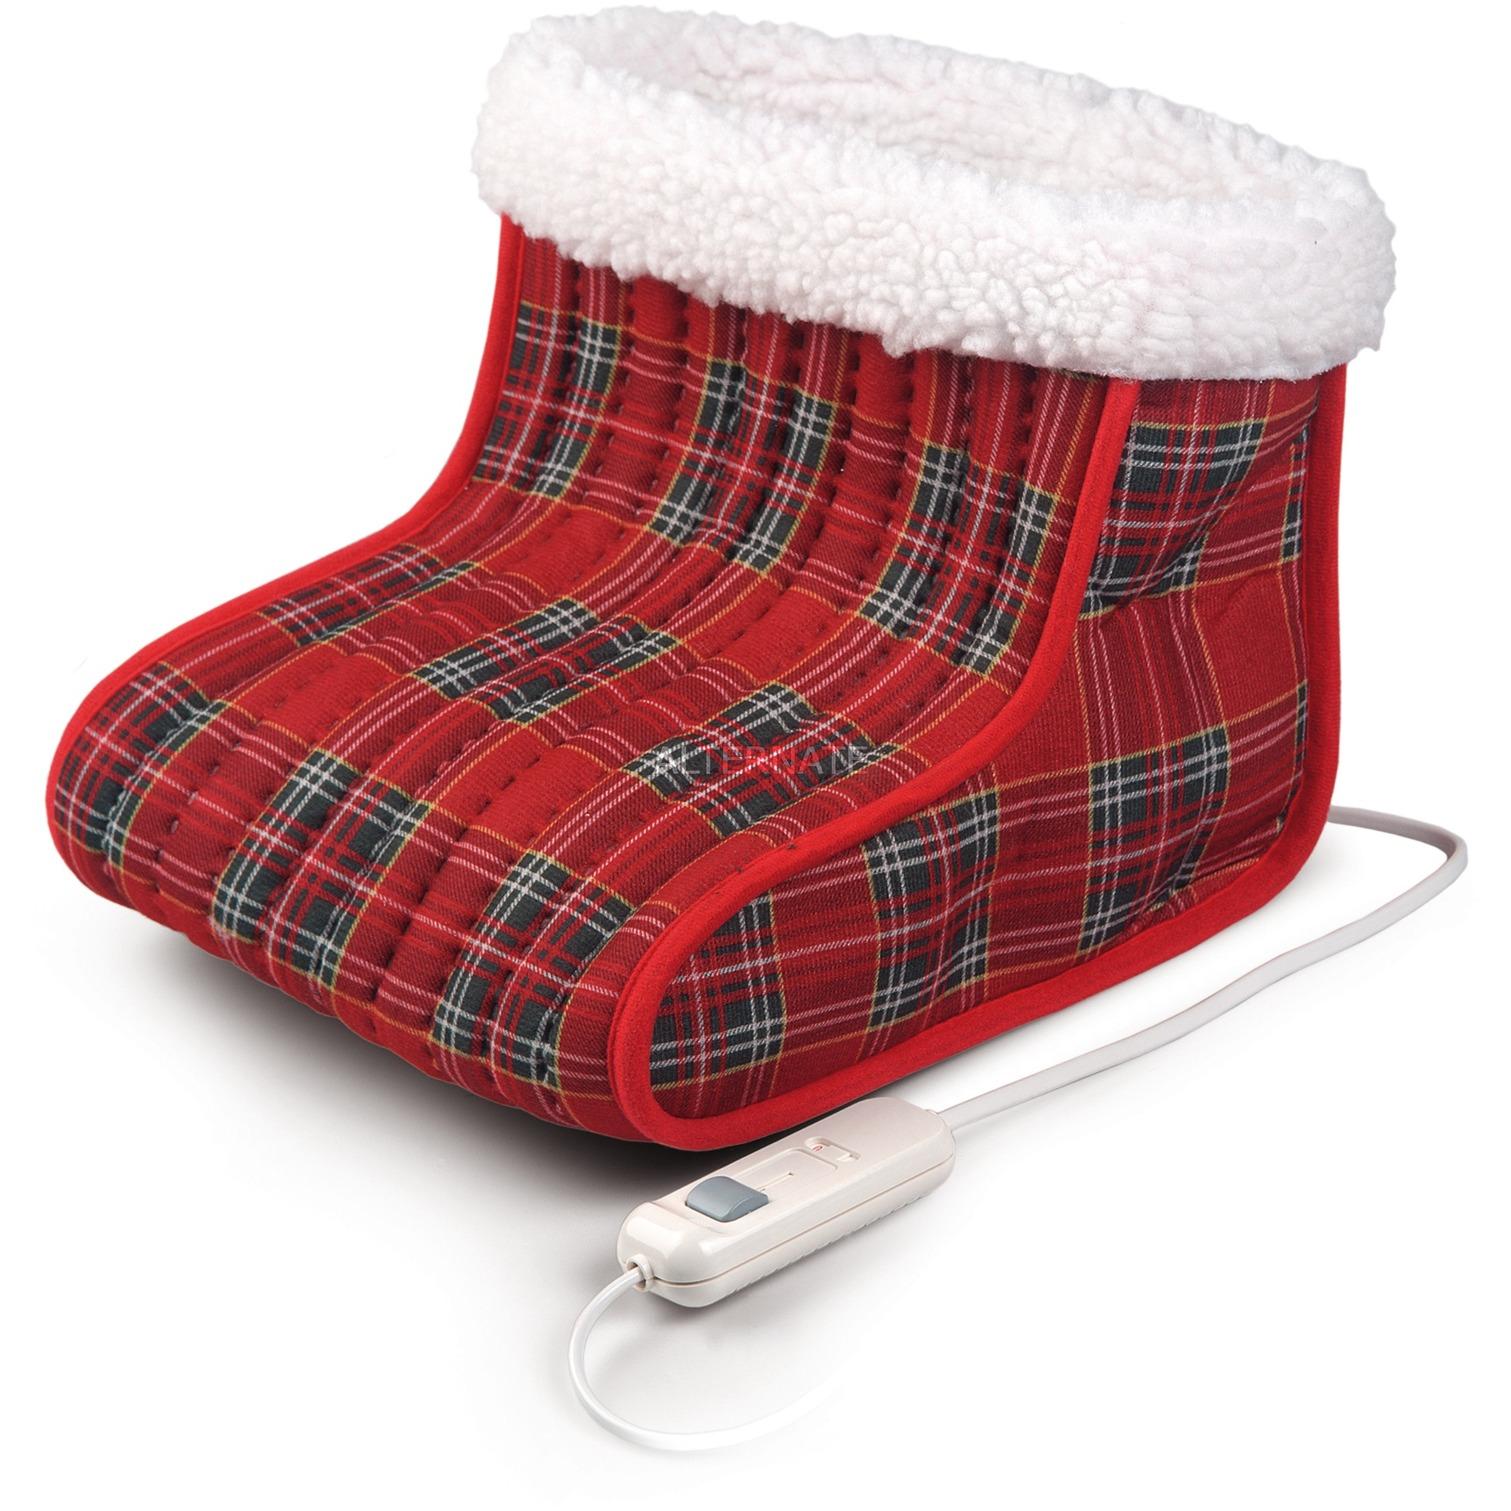 DO 632 V 40W Rojo calentador de pies eléctrico, Calientapiés